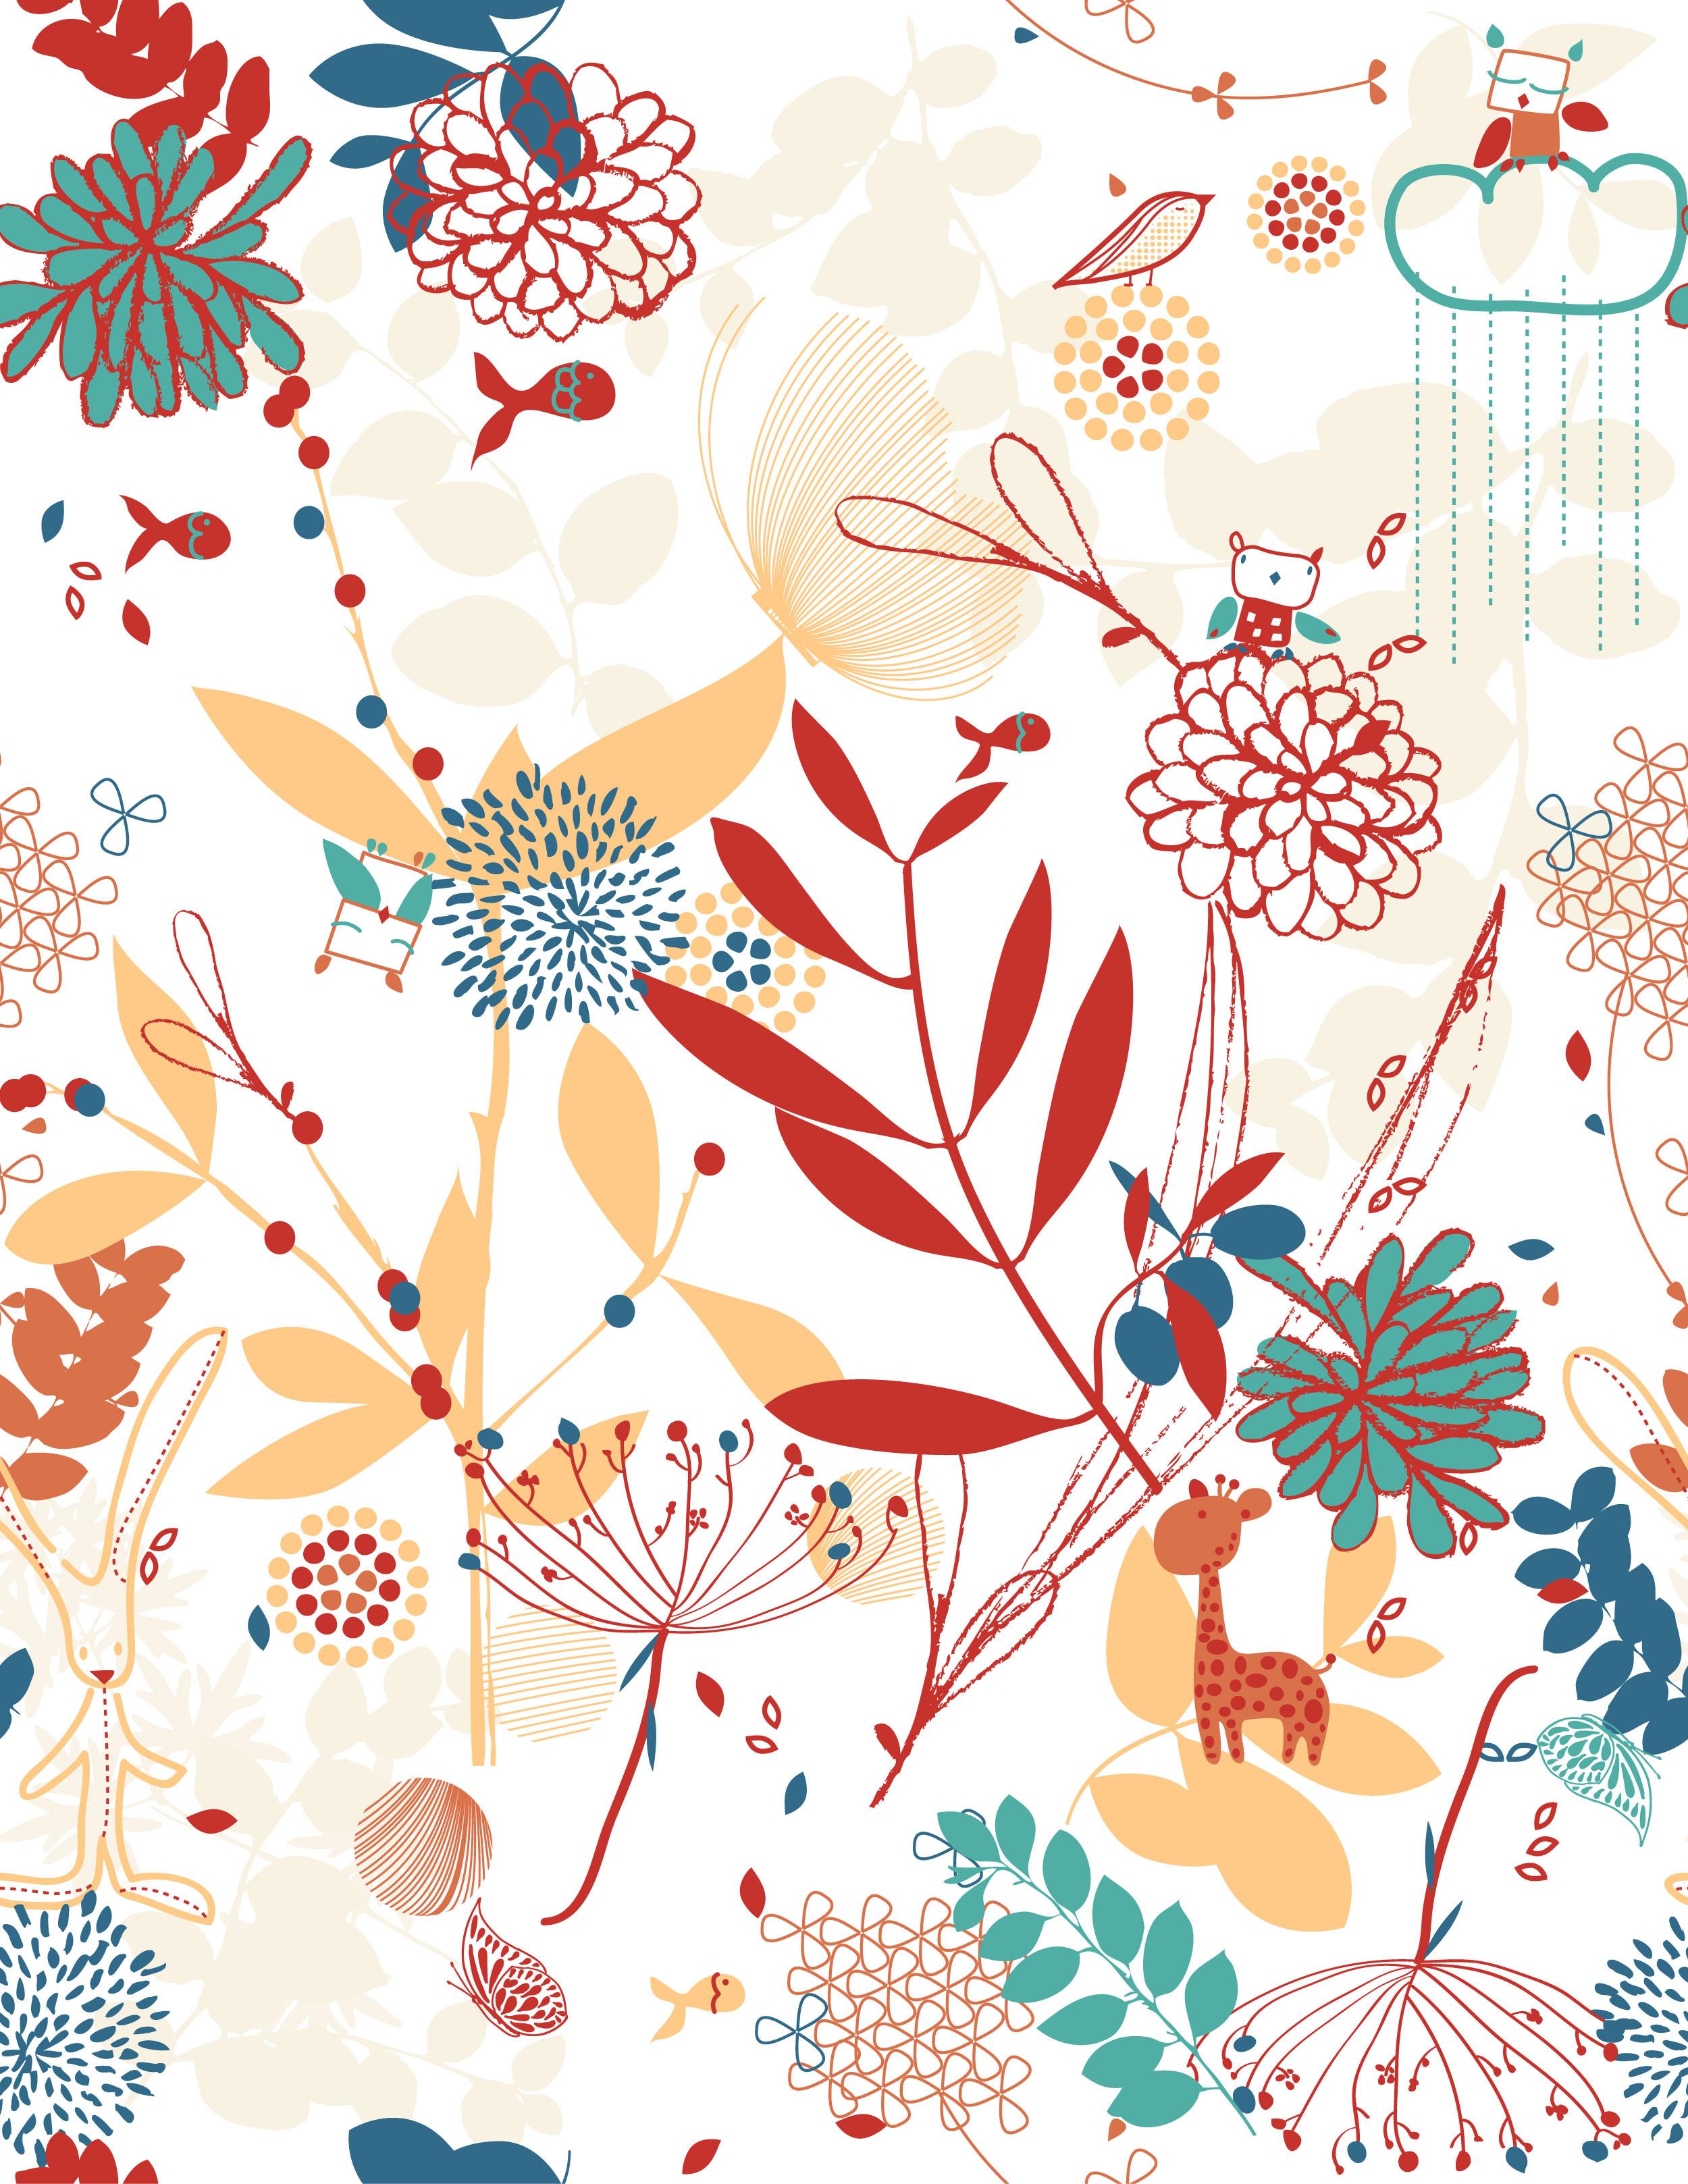 壁紙・背景イラスト/花の模様・柄・パターン no.169『かわいい動物キャラ』